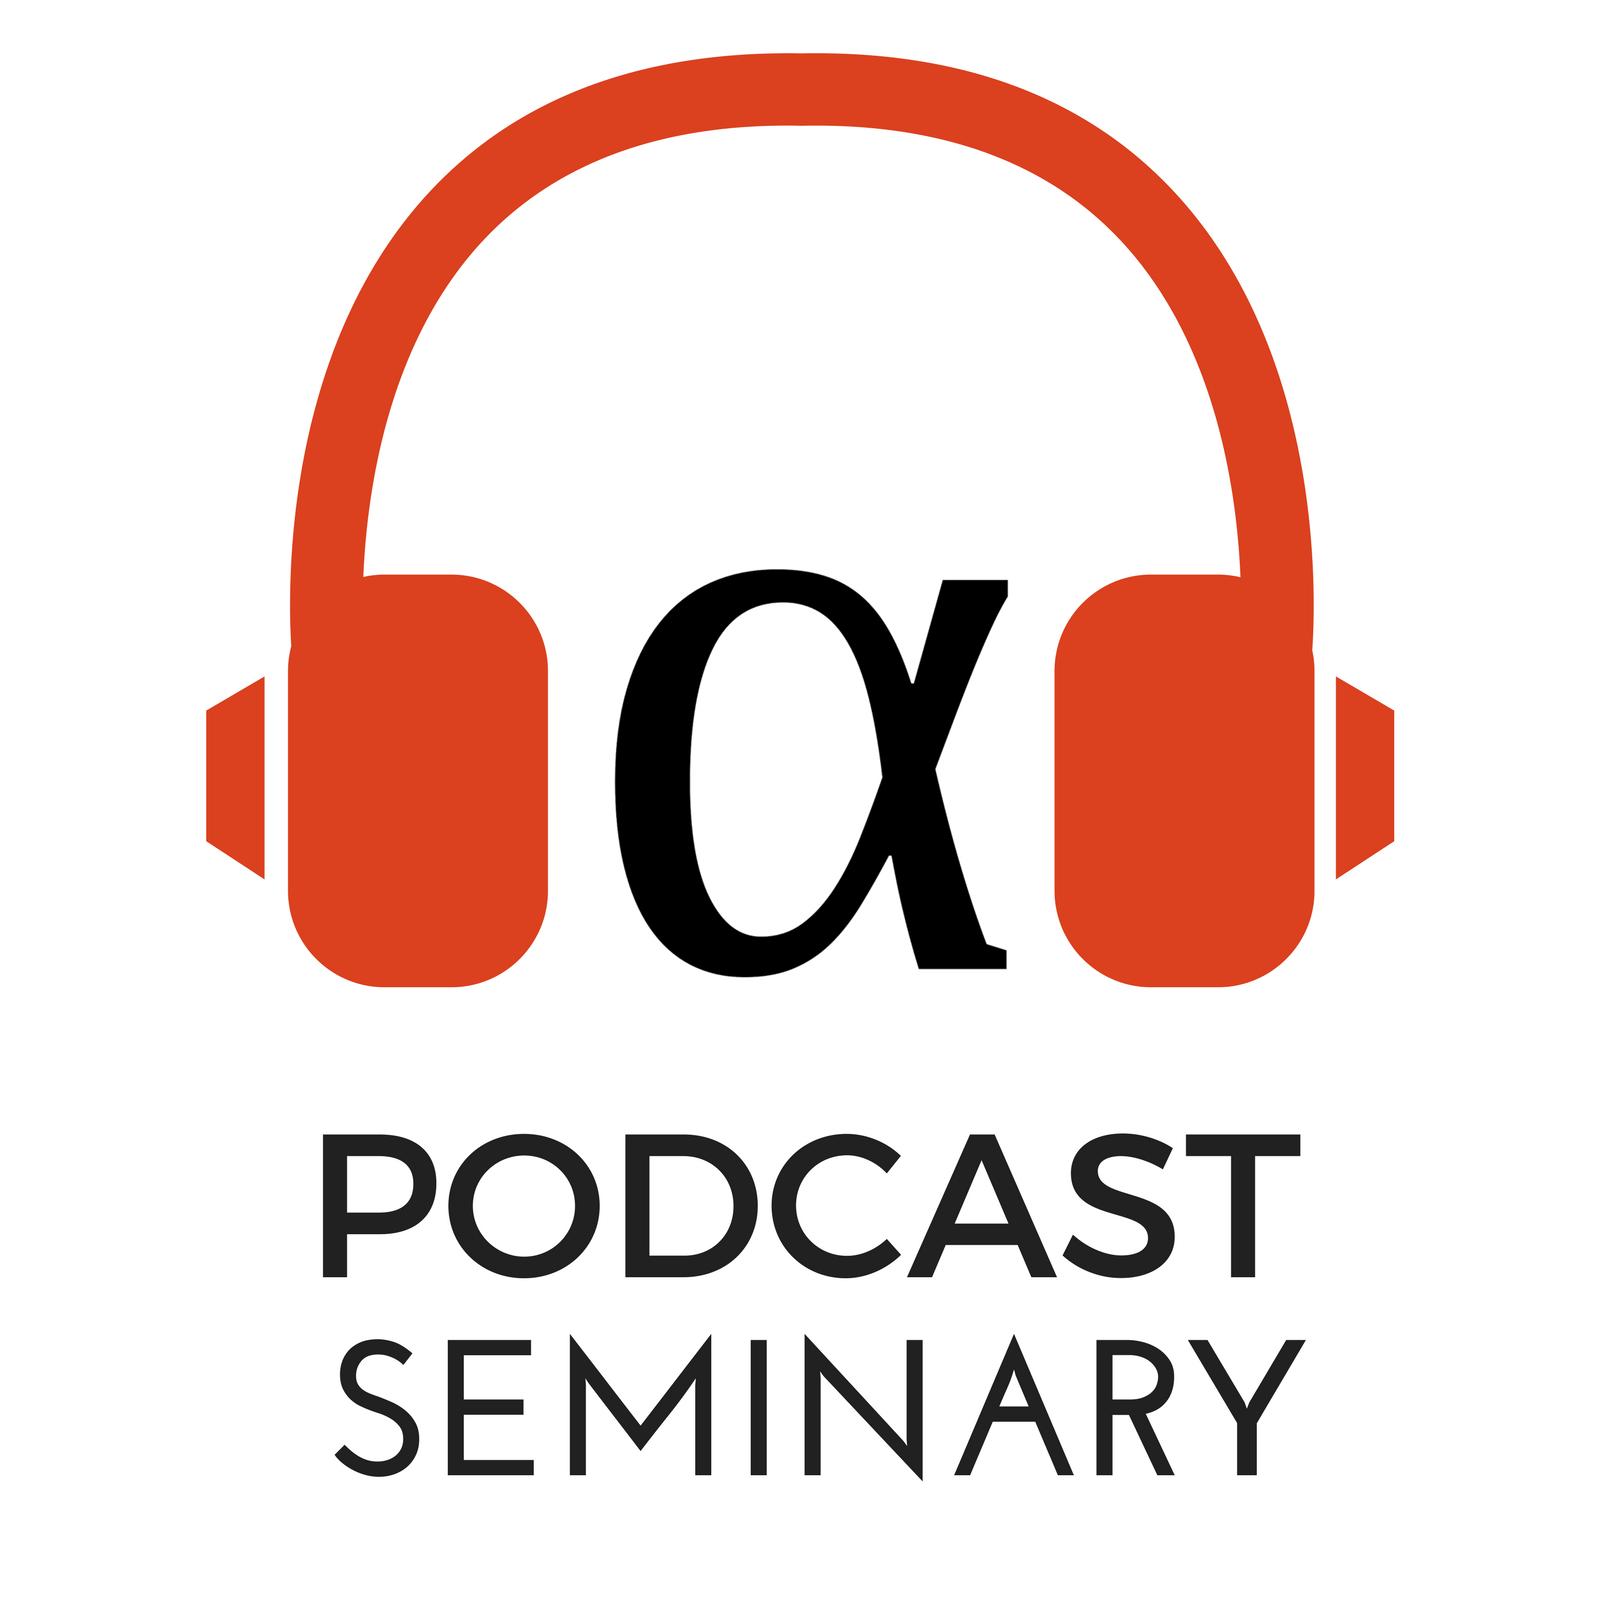 Podcast Seminary show art